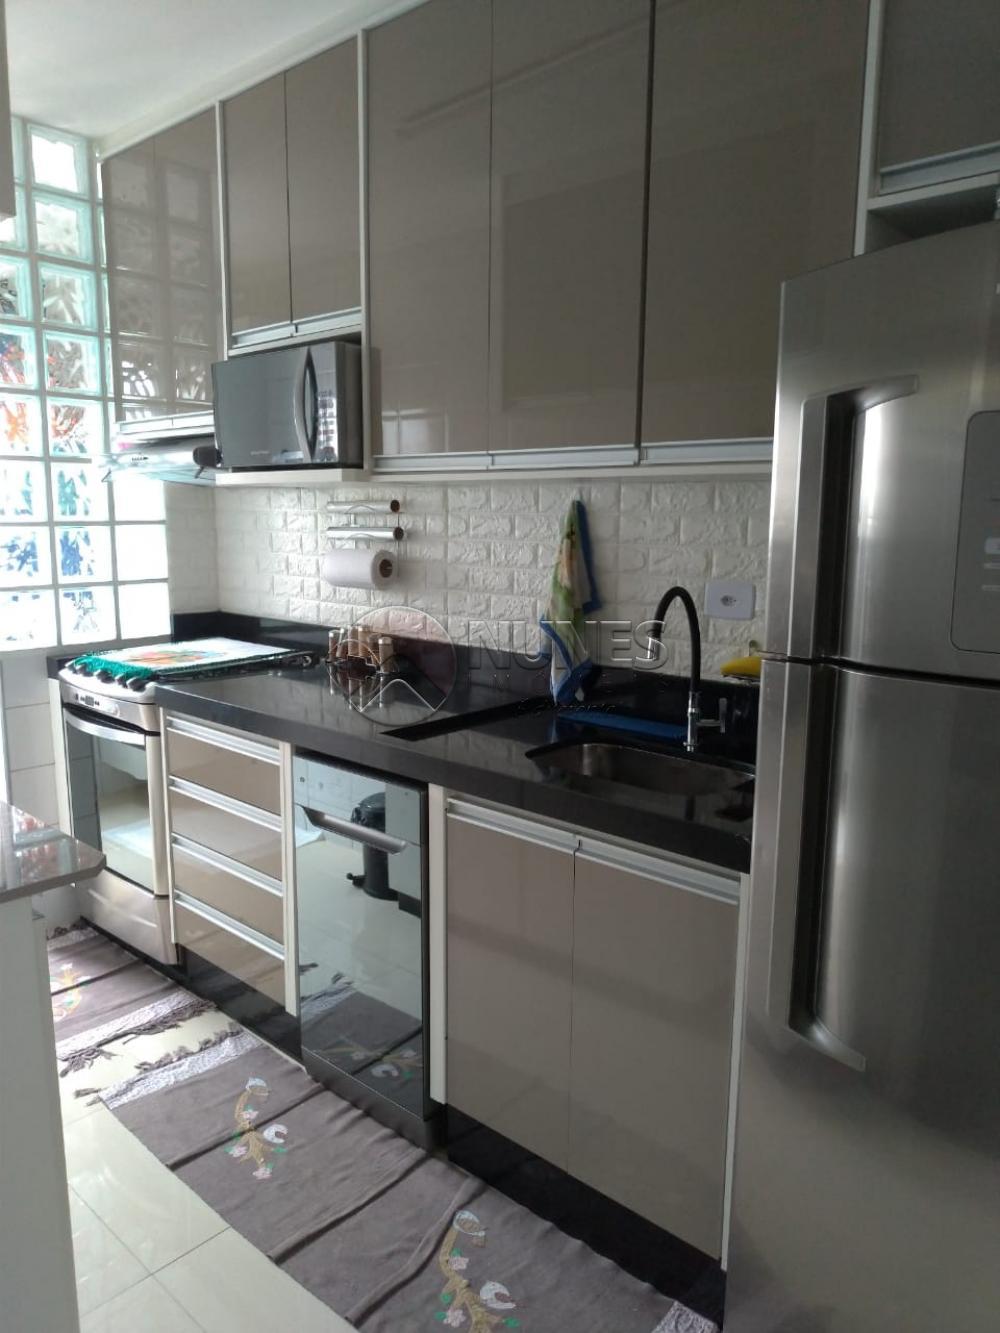 Comprar Apartamento / Padrão em Osasco apenas R$ 375.000,00 - Foto 26